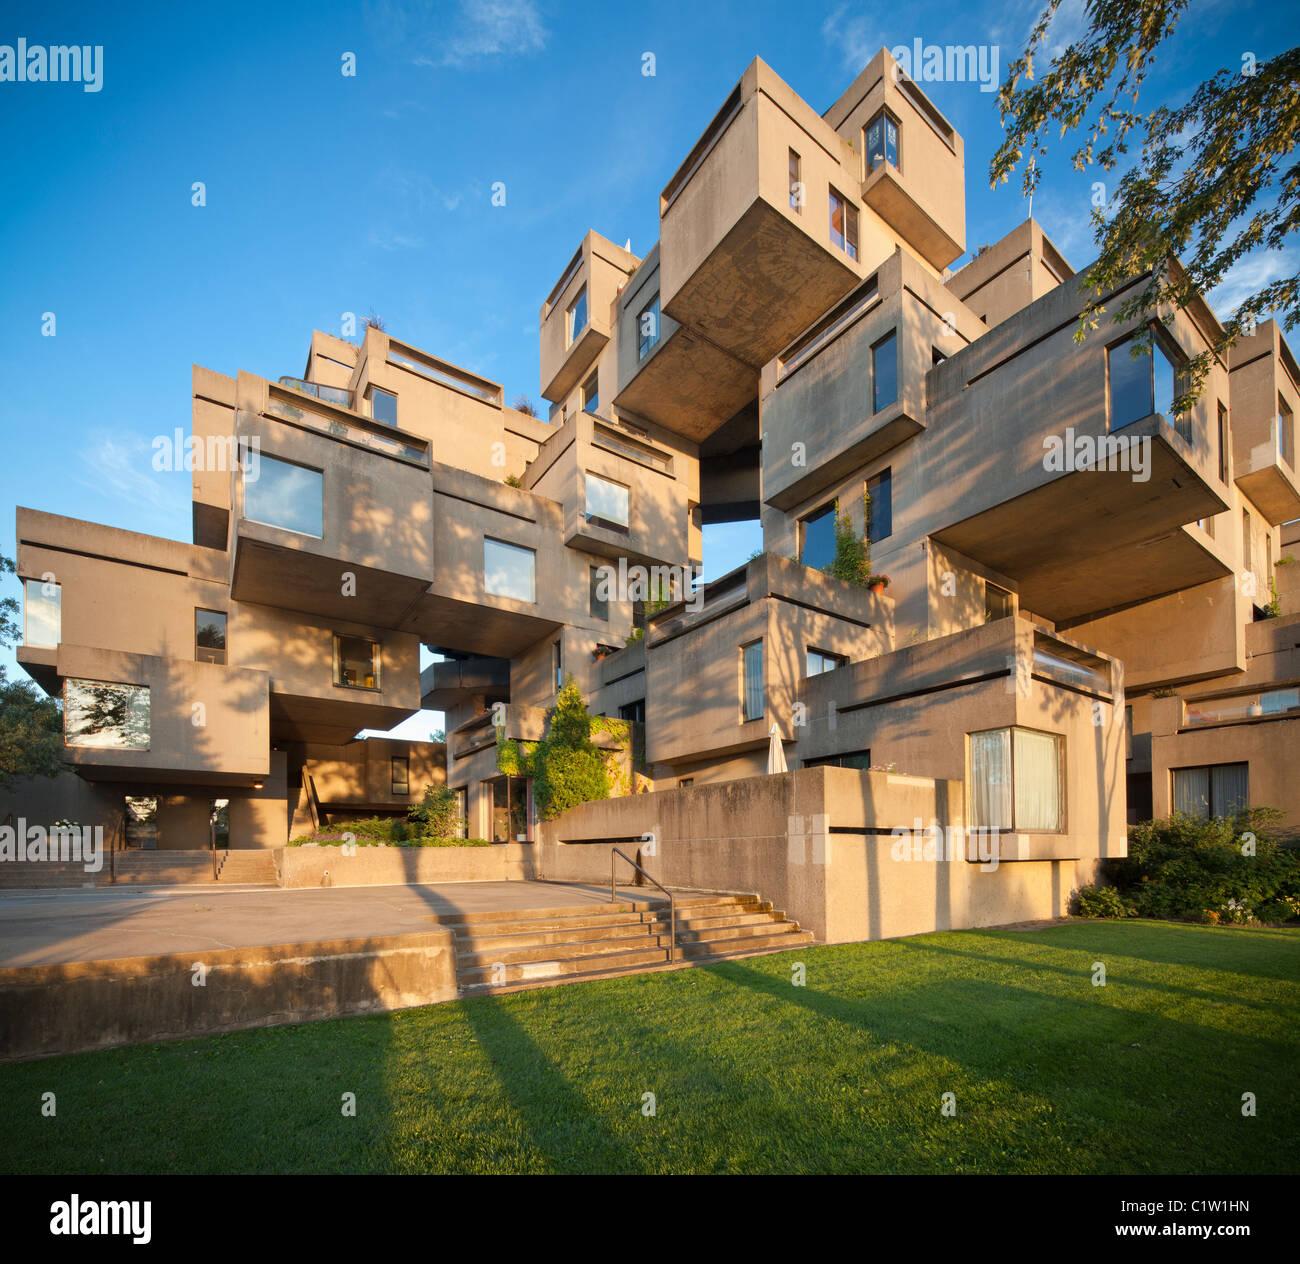 Habitat 67 housing buildings at Montreal, Quebec, Canada ...